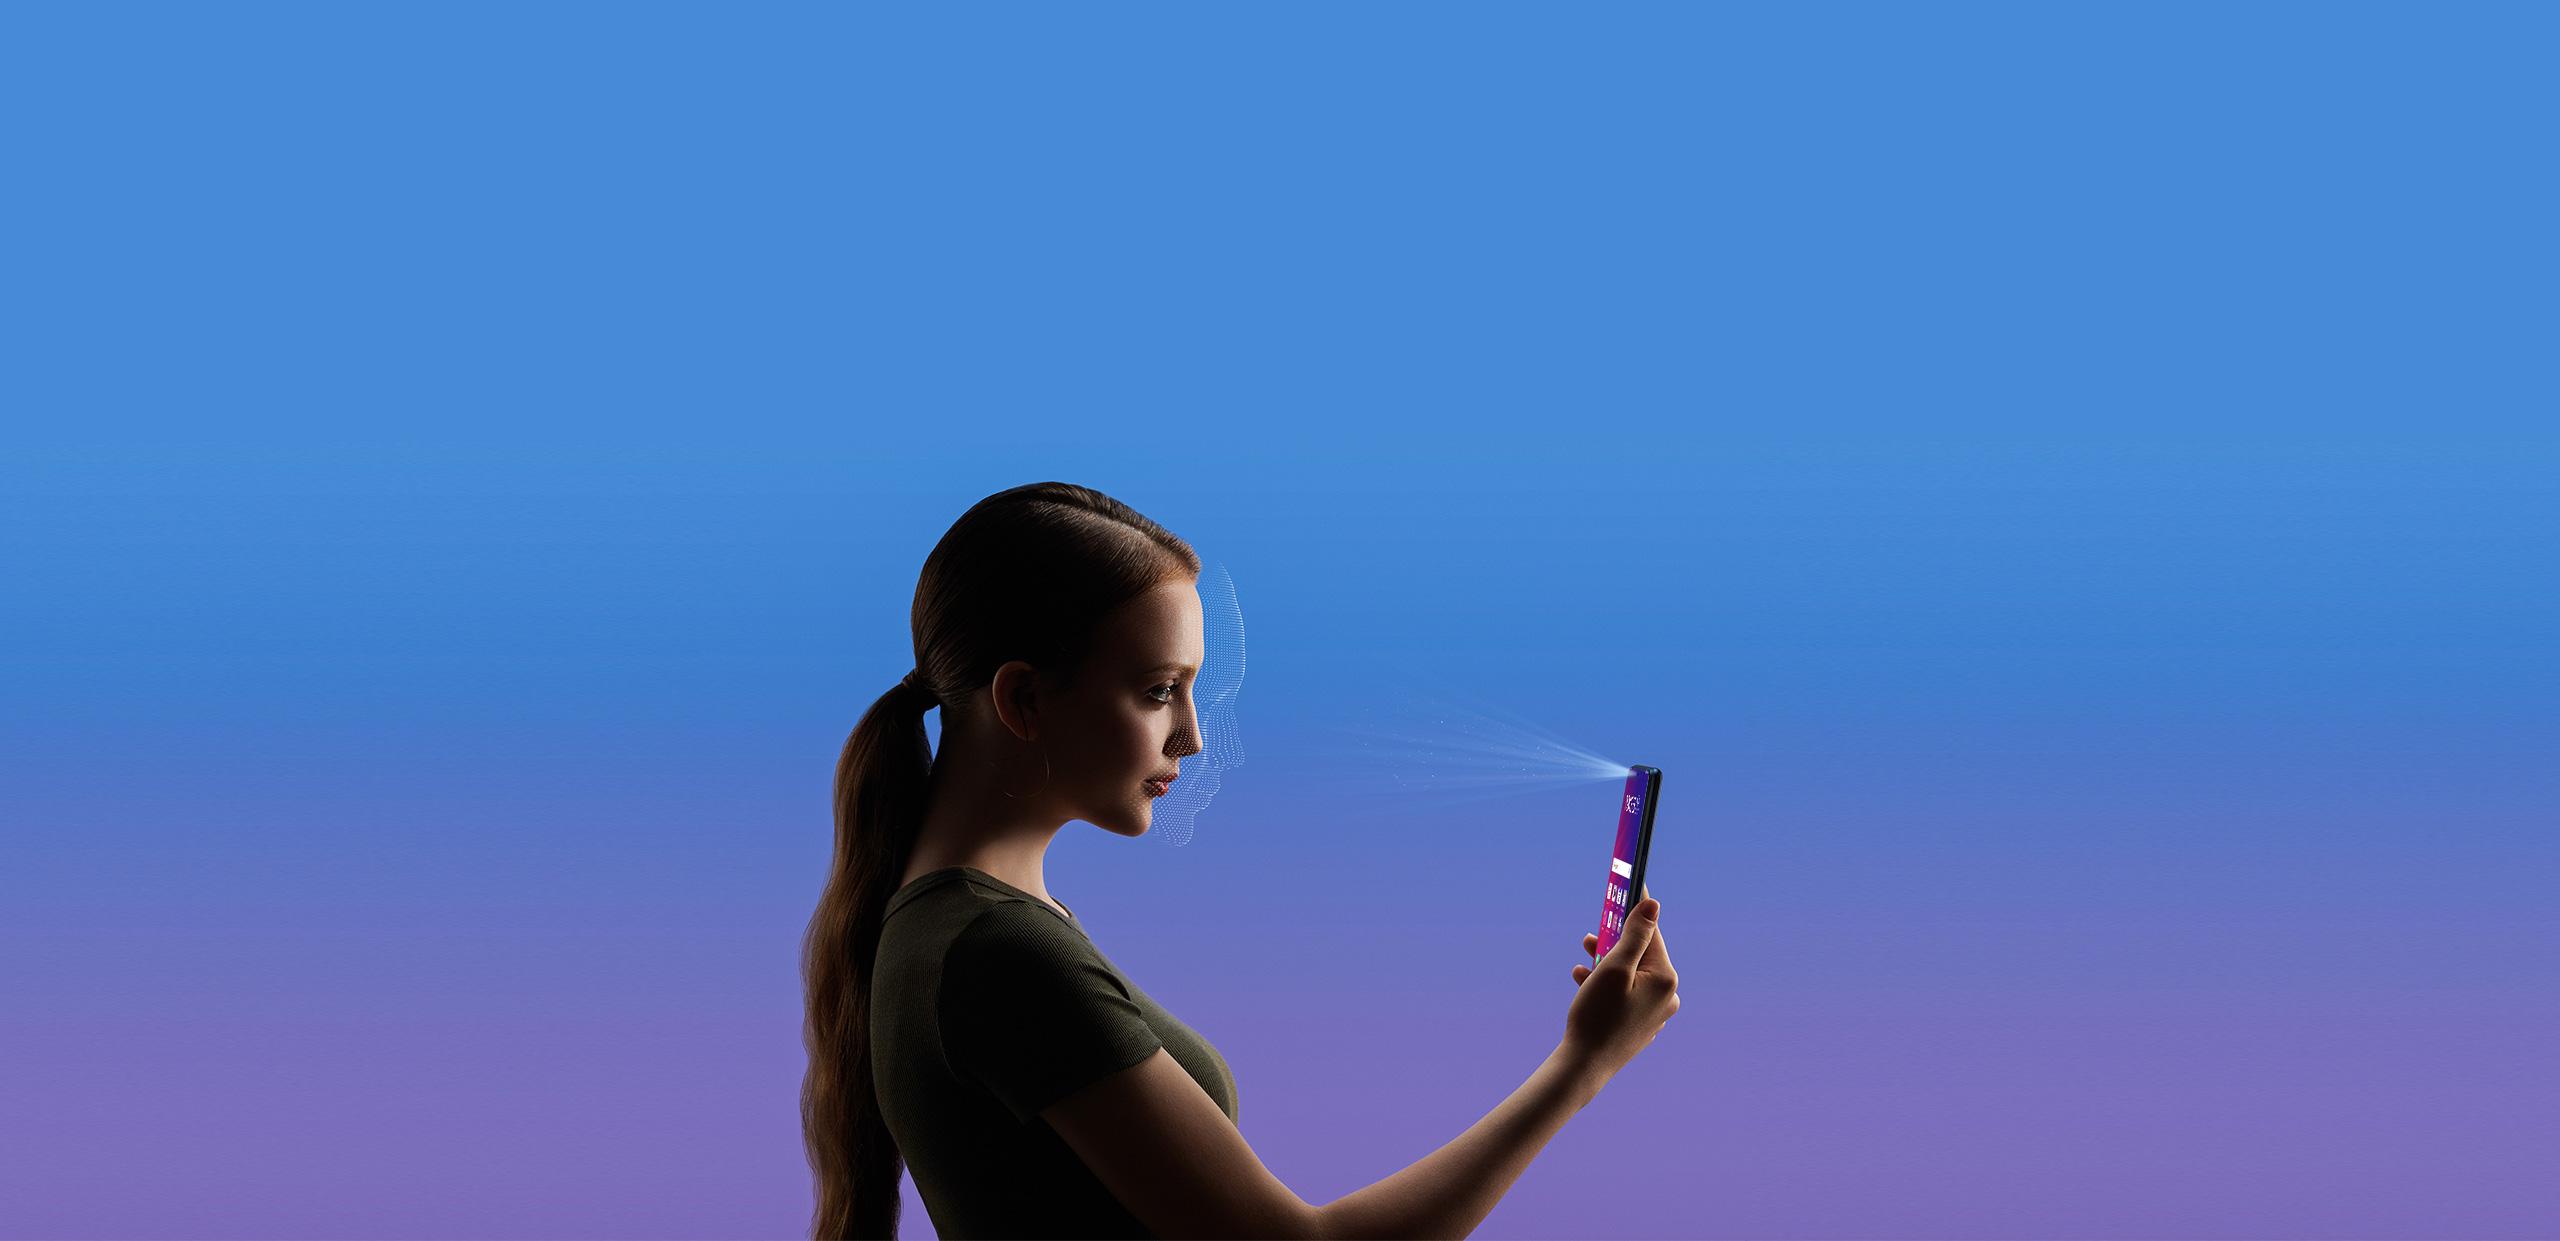 oppo a3s 3gb/32gb Oppo A3s 3GB/32GB sec9 d11872a86a0df5bf77c69f4e0a58fa260306de36